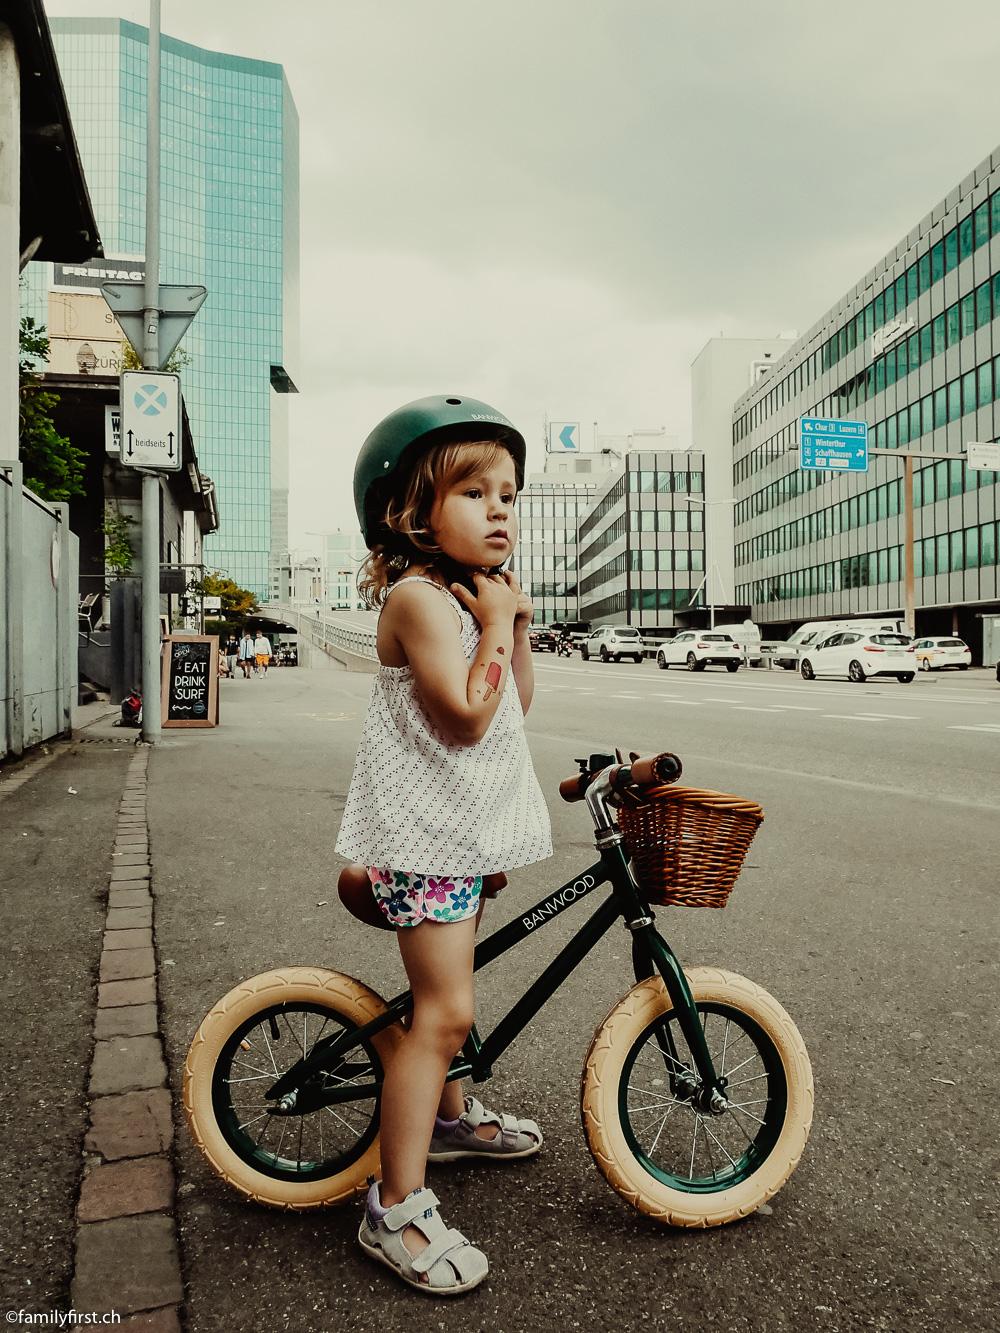 Zurich by Bike